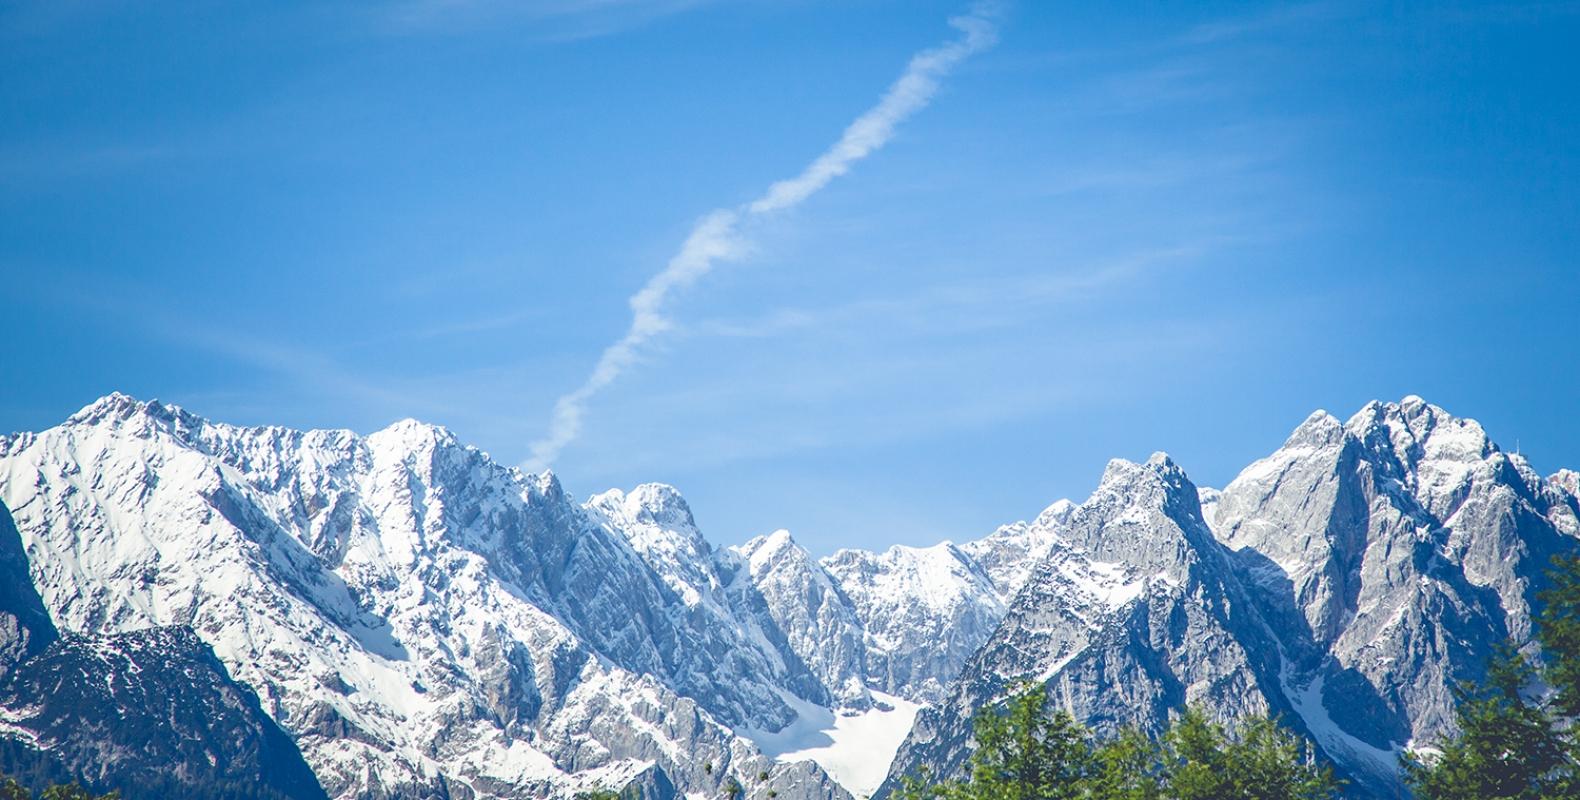 Wir entdecken Deutschland – Garmisch-Partenkirchen #1